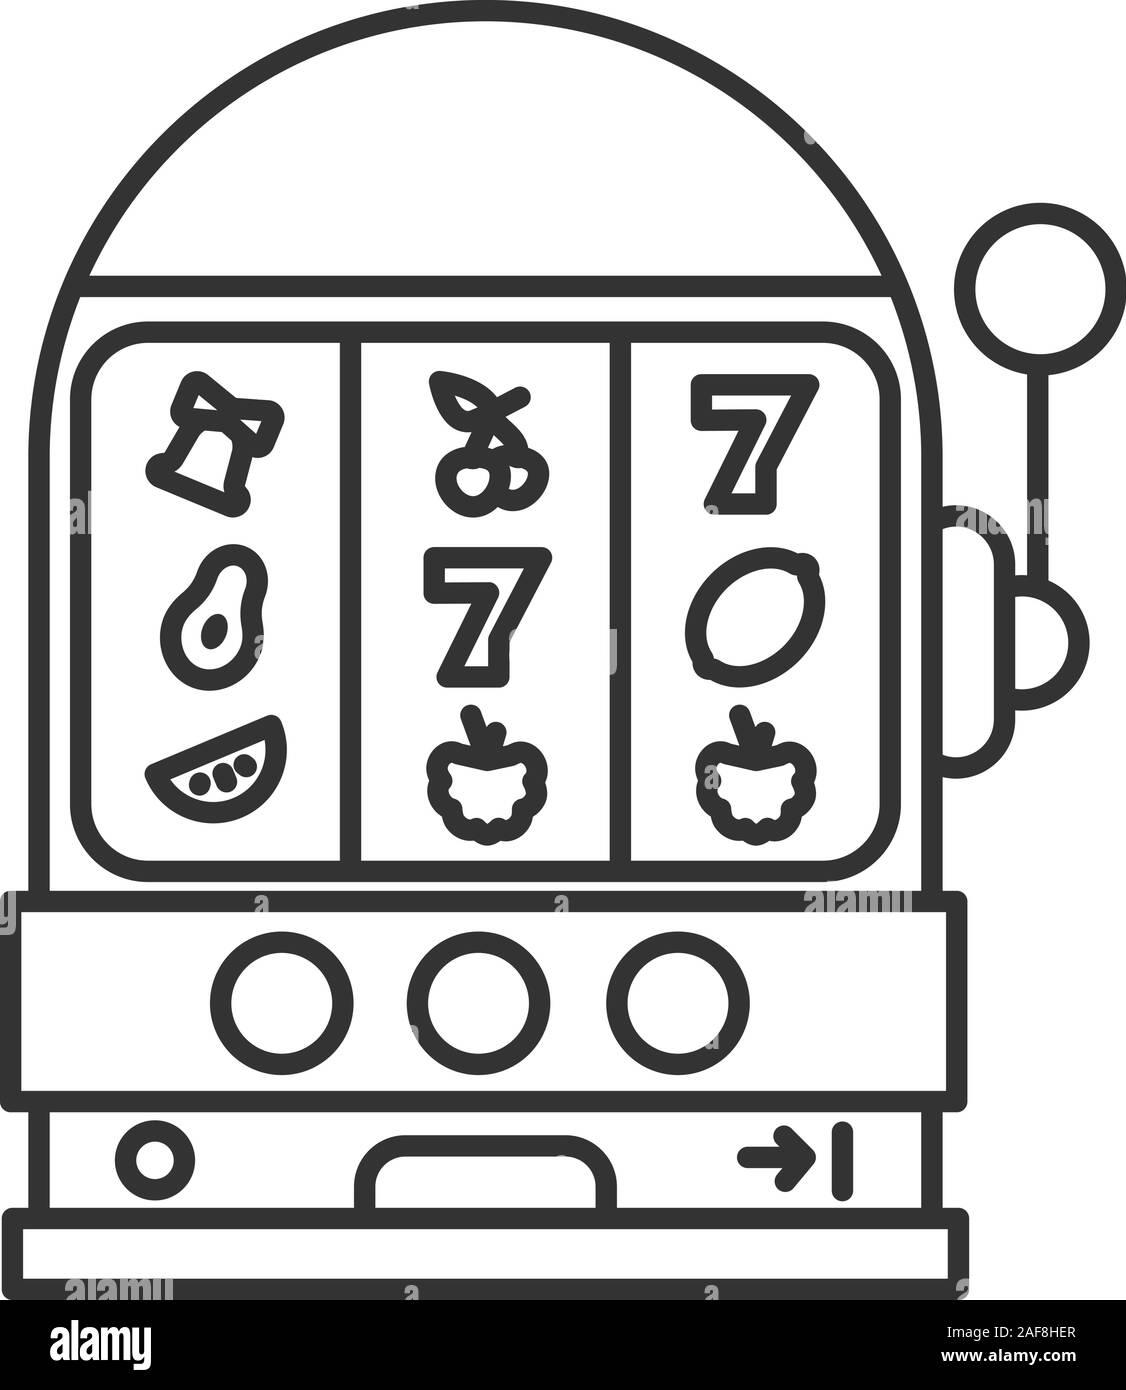 Vegas Slot Machine Drawing